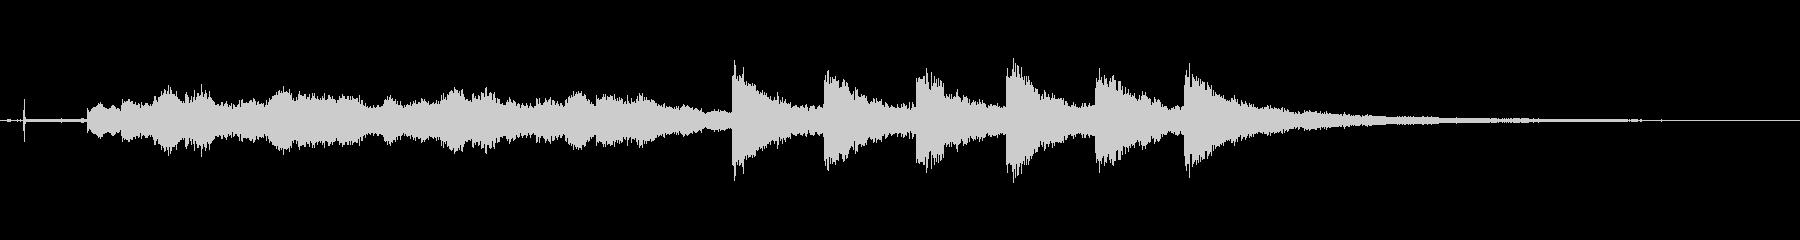 ウェストミンスター:シックスオクロ...の未再生の波形